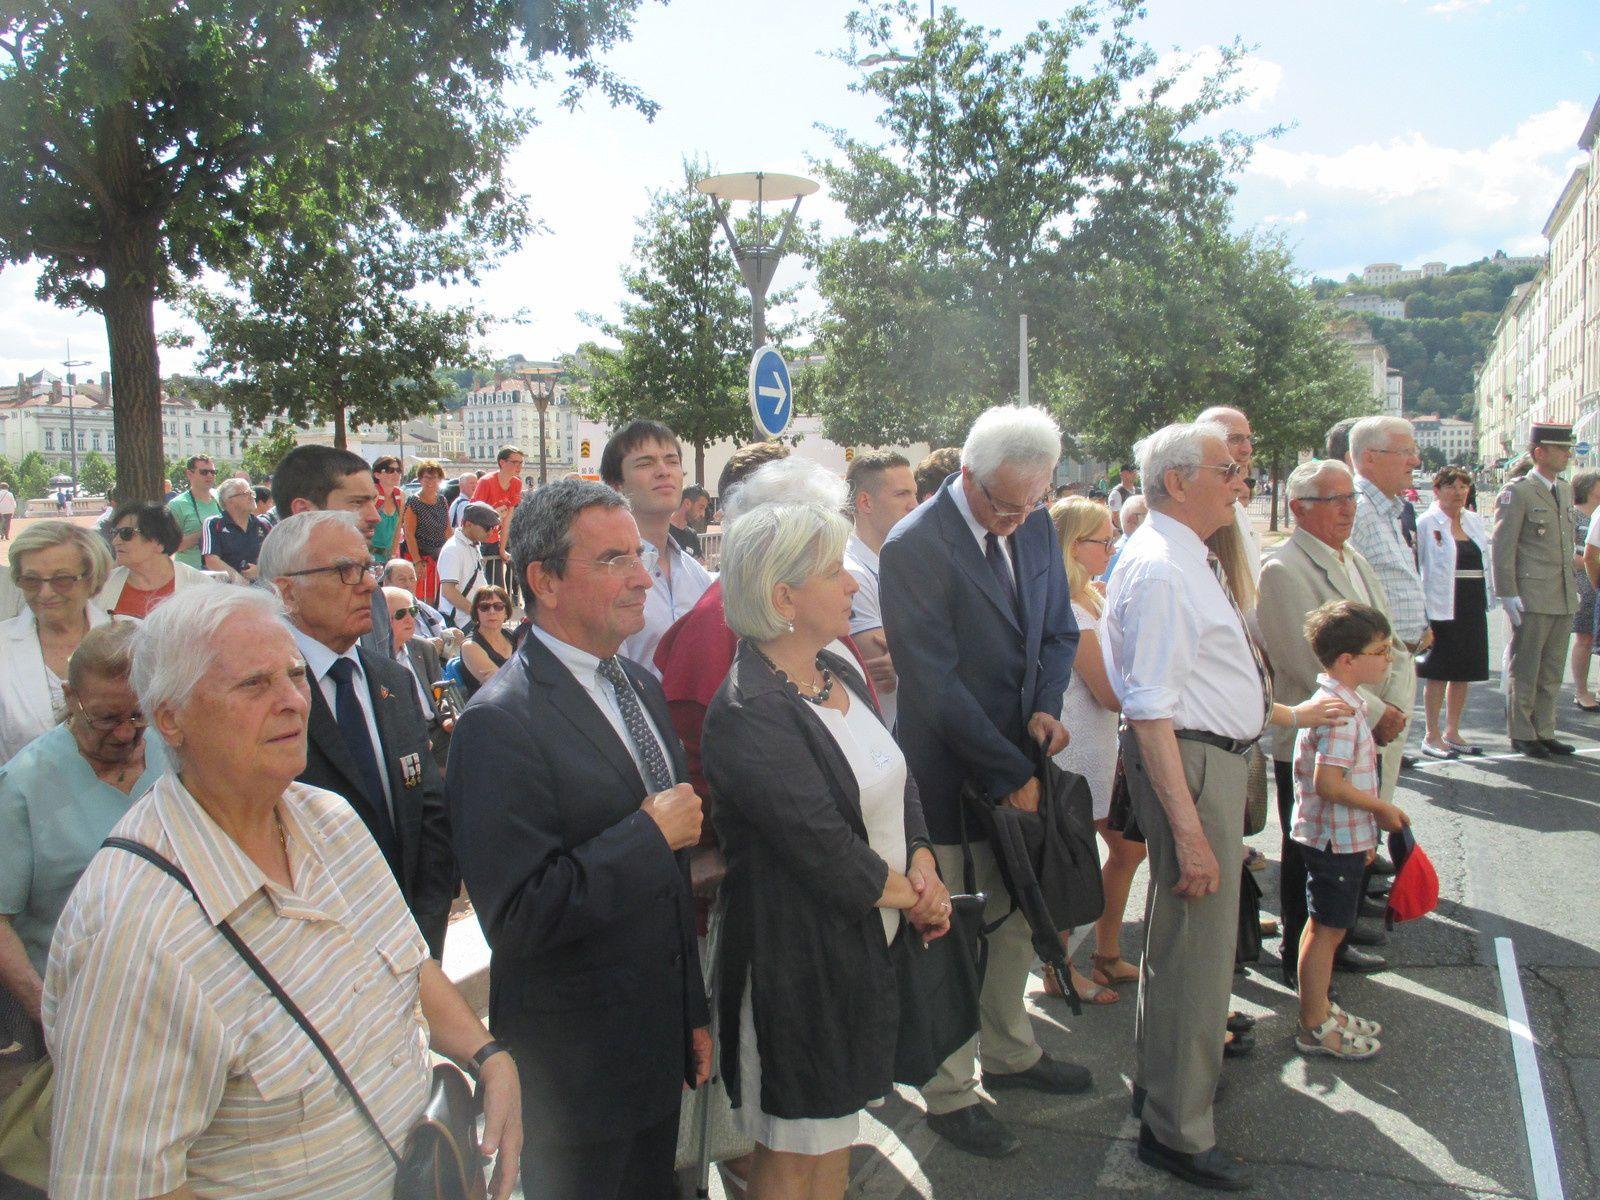 Une famille touchée par la mobilisation des Associations d'anciens combattants pour rendre l'hommage envers leurs parents victimes des nazis